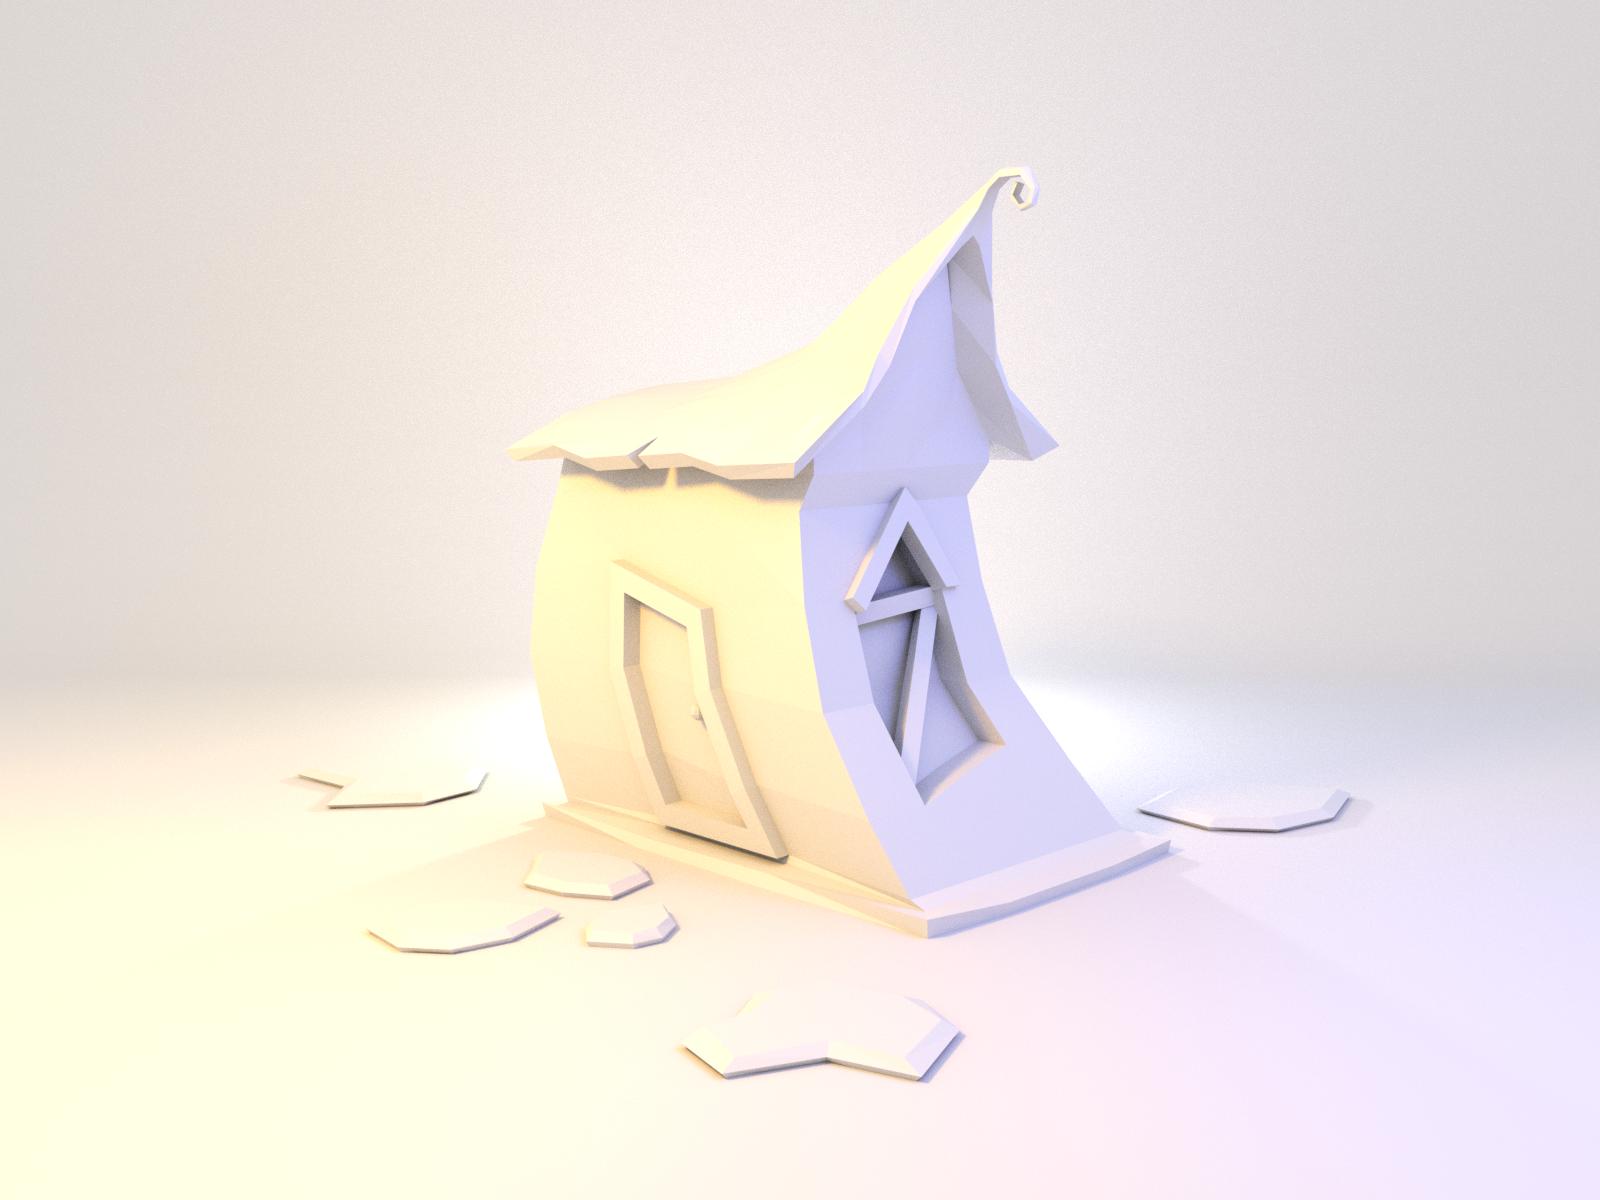 Cabin burton cabin house building model lowpoly render design blender 3d illustration